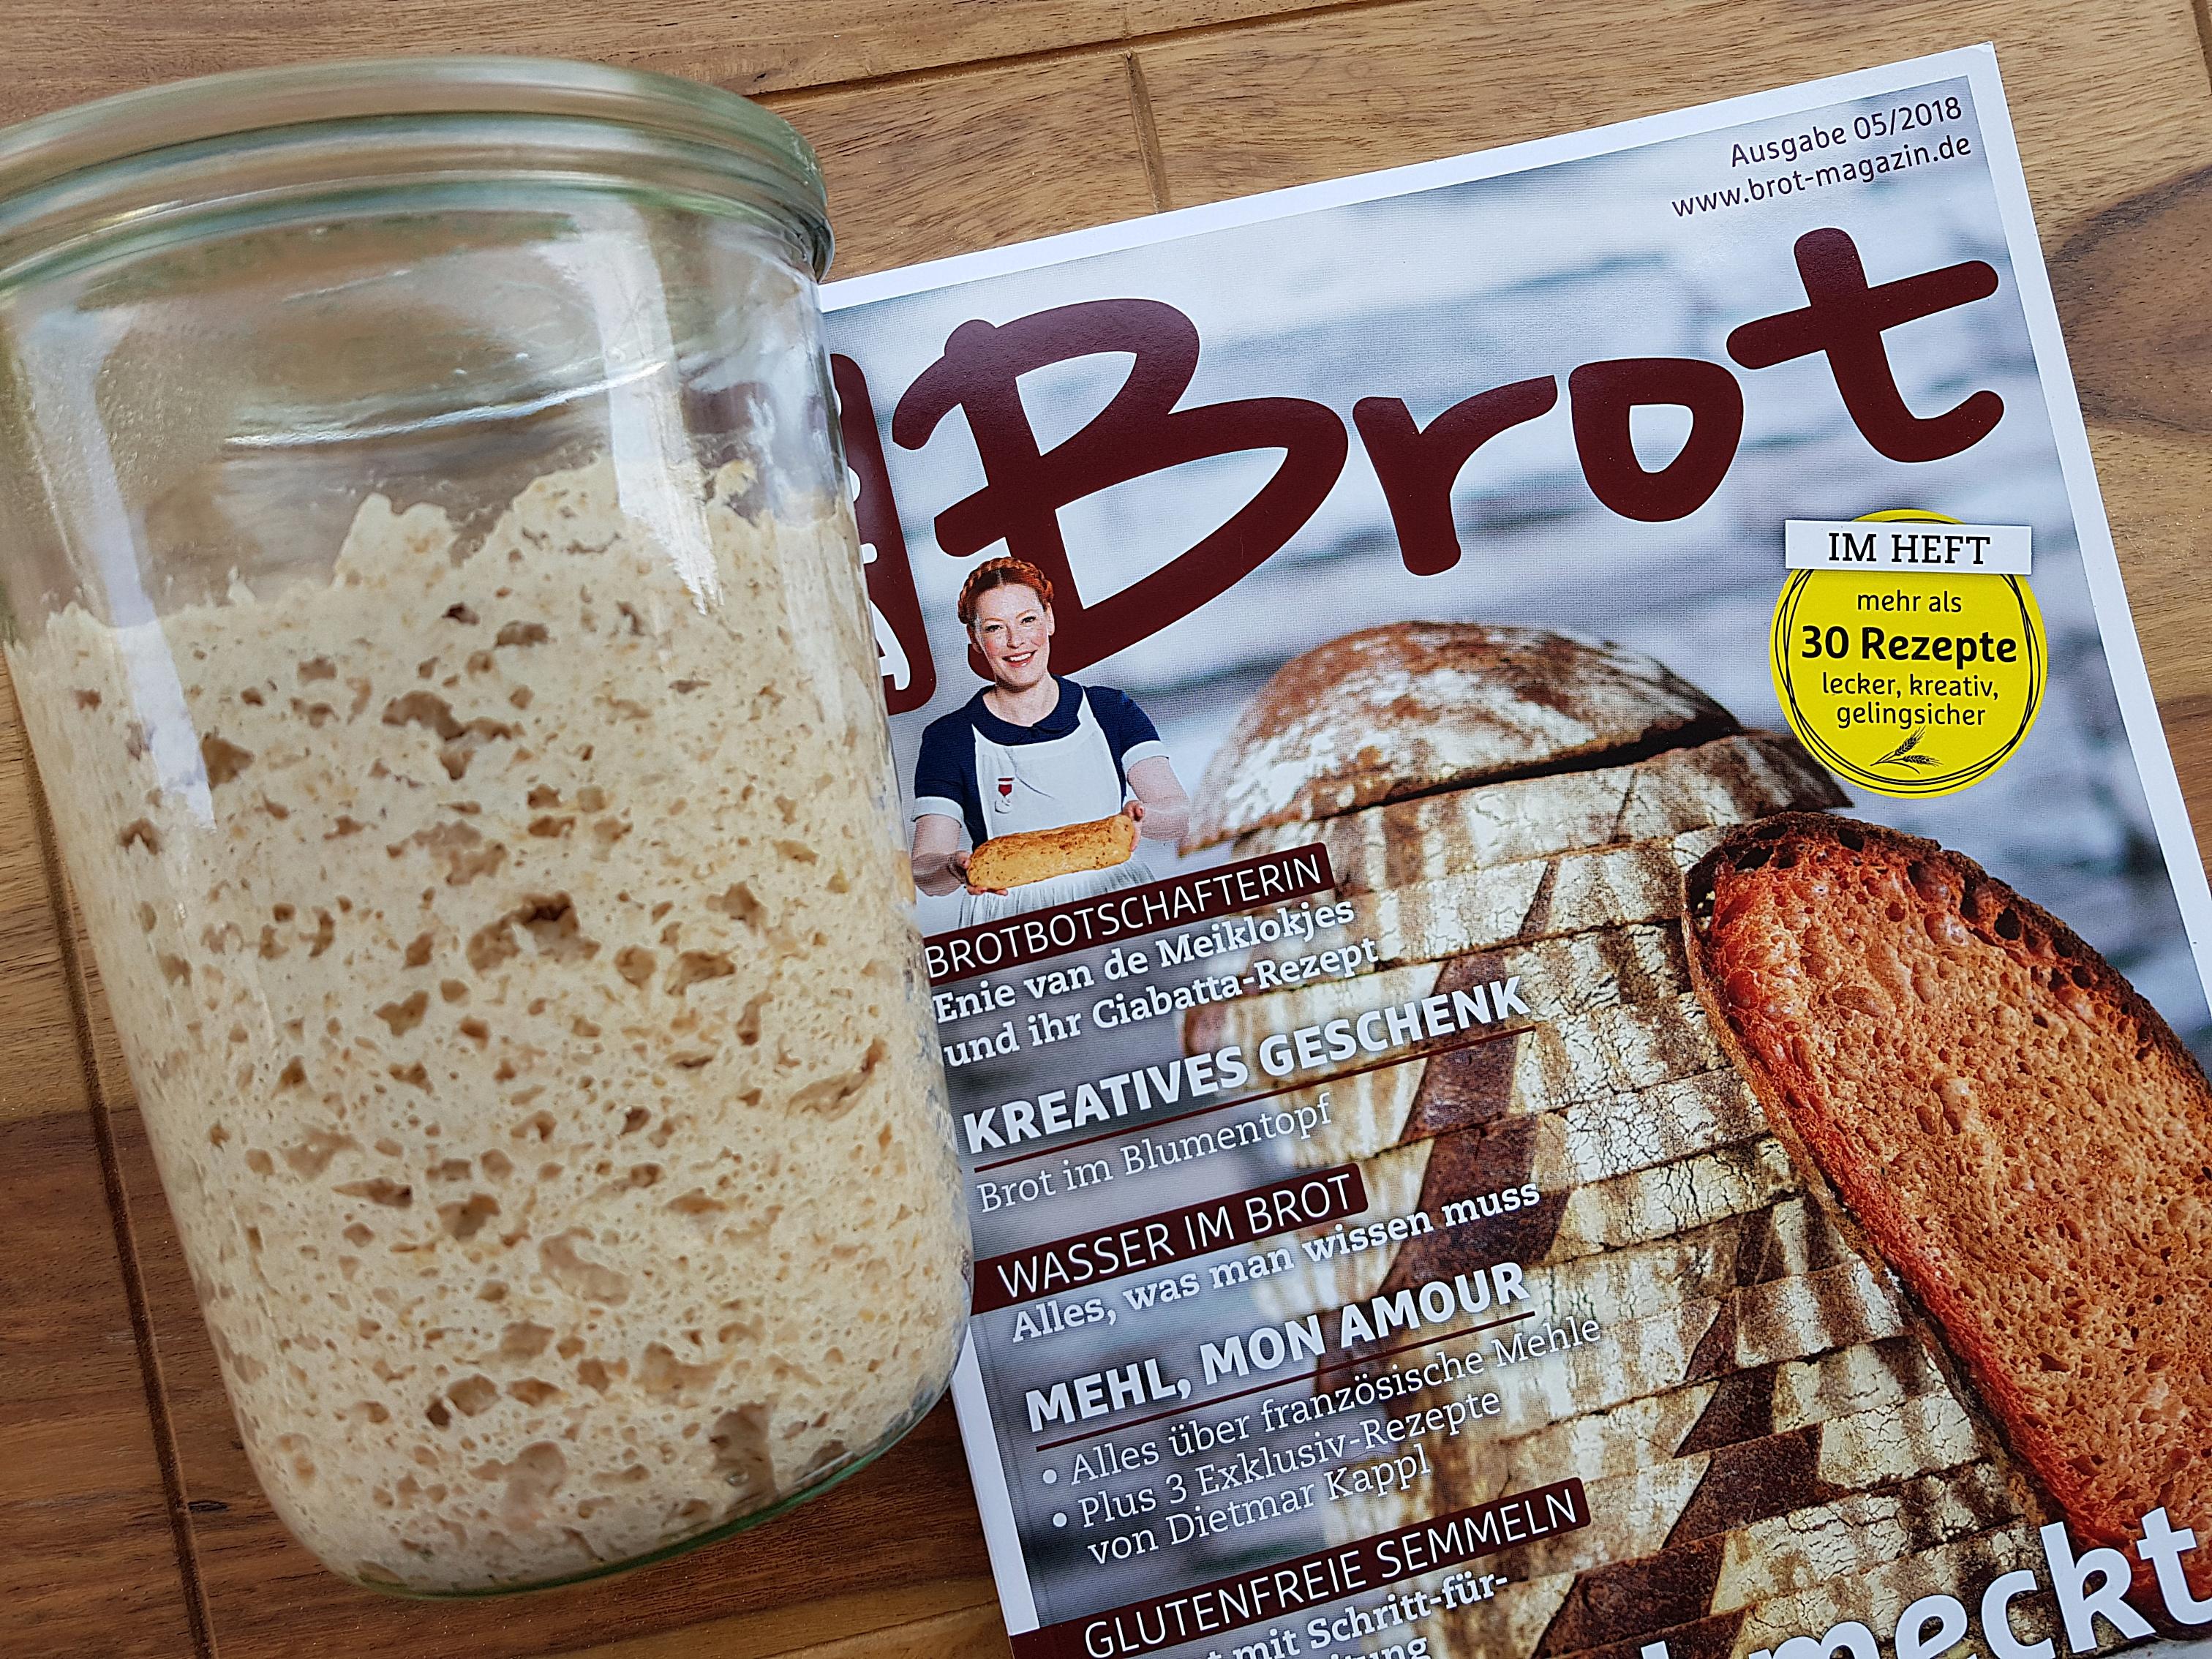 Sauerteig Marvin im Brot Magazin